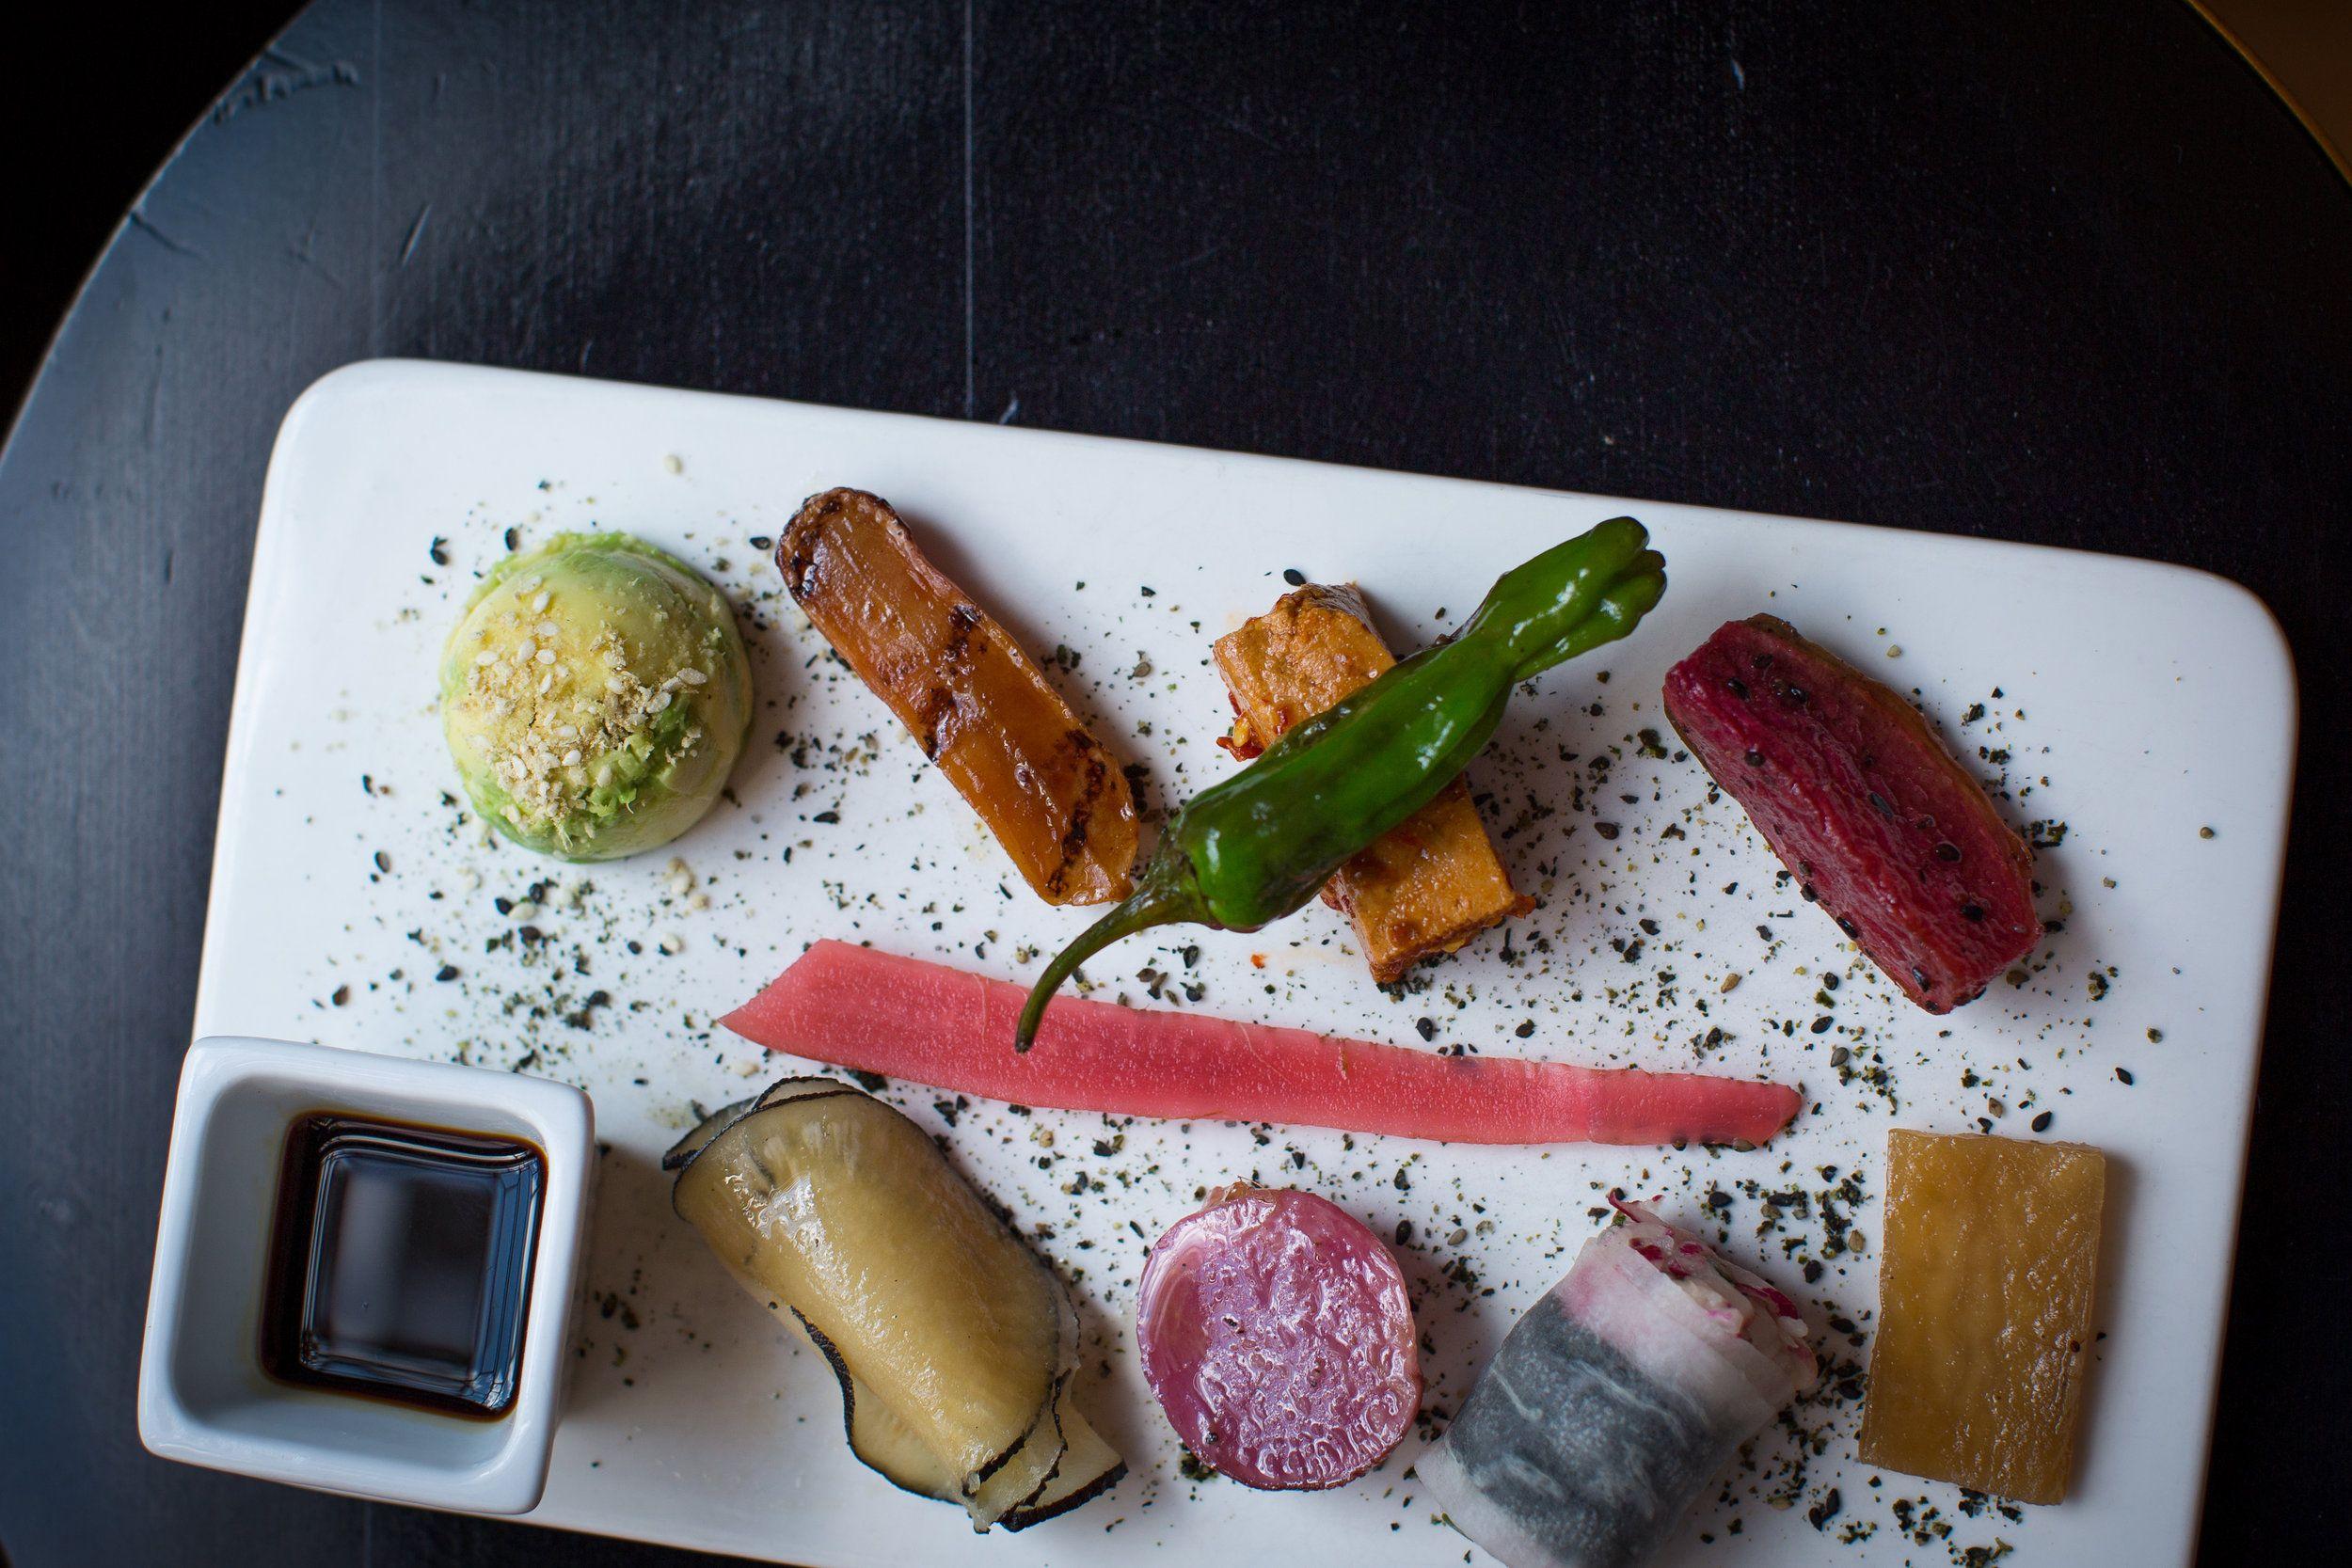 The Best Vegetarian Restaurants In Dc Vegetarian Restaurants Dc Vegan Restaurants Best Vegetarian Restaurants